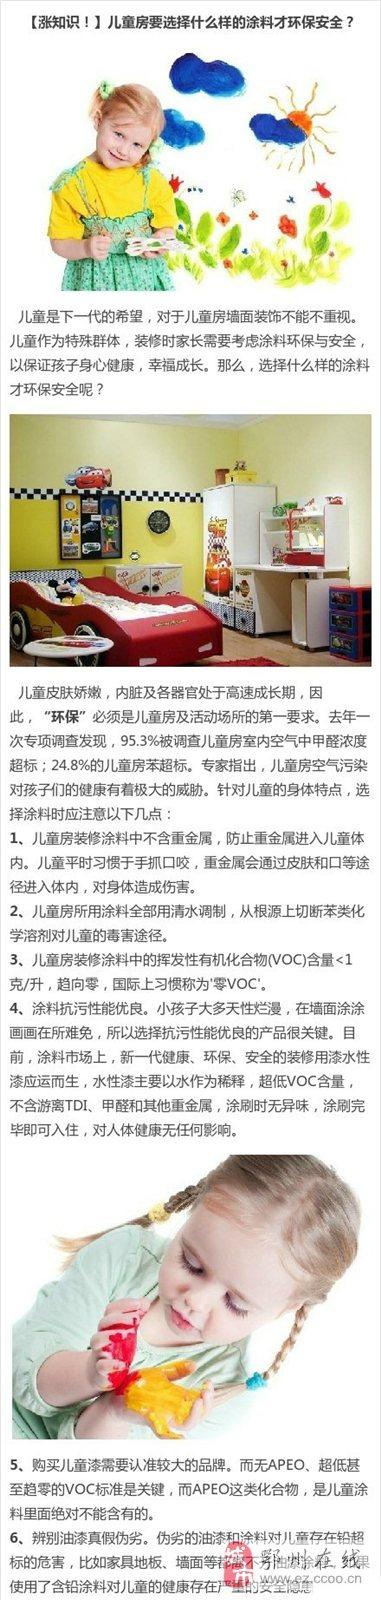 【涨知识】儿童房要选择什么样的涂料才环保安全?